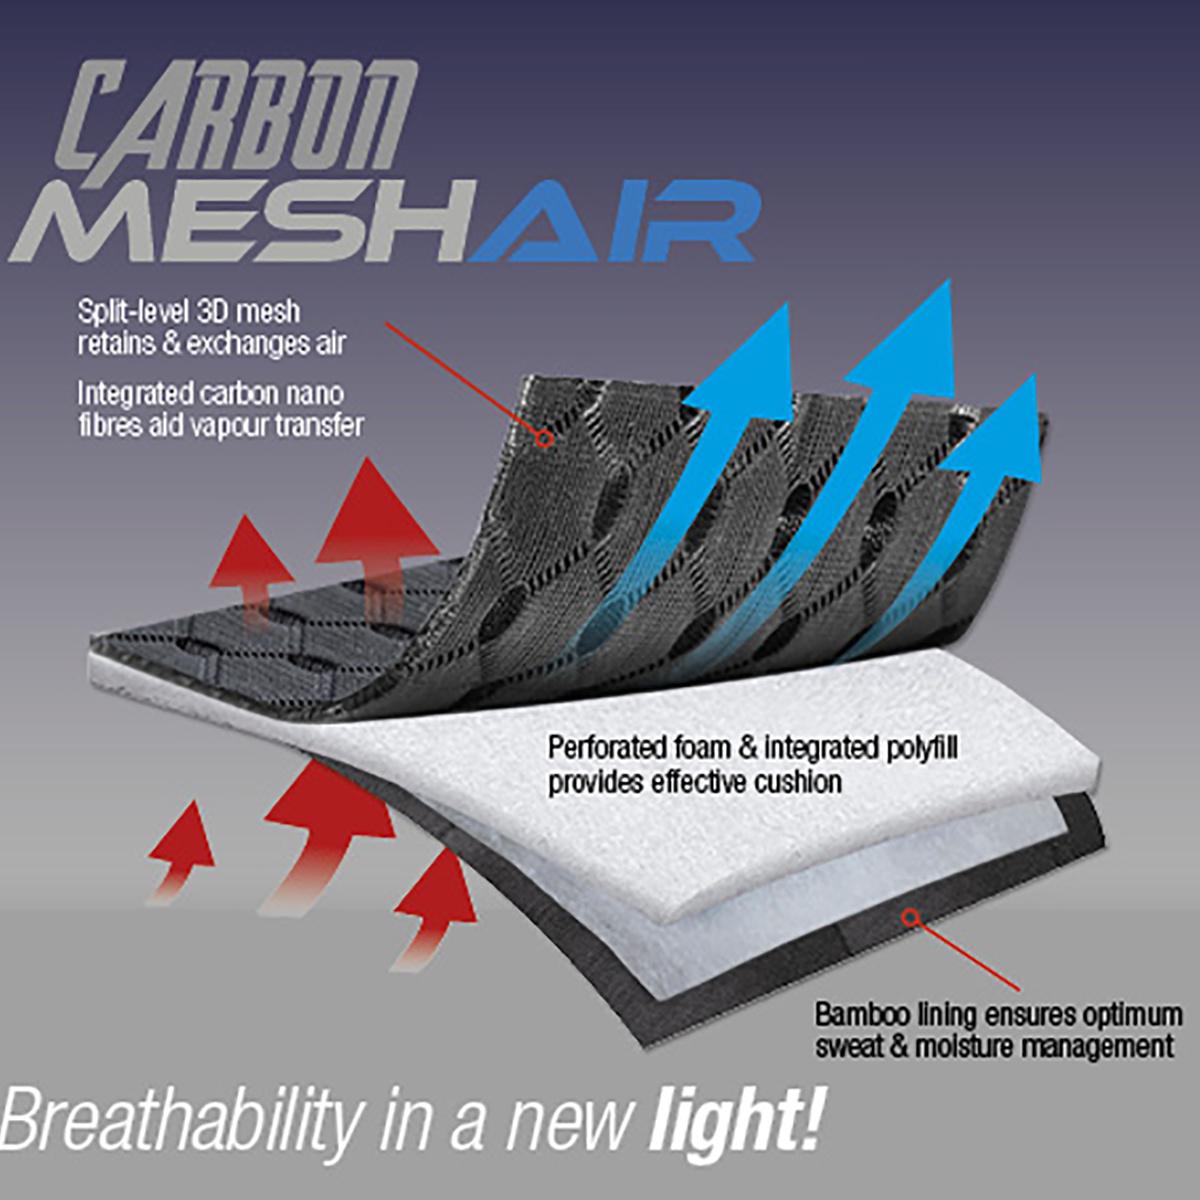 LE MIEUX LeMieux zadeldoek carbon mesh air